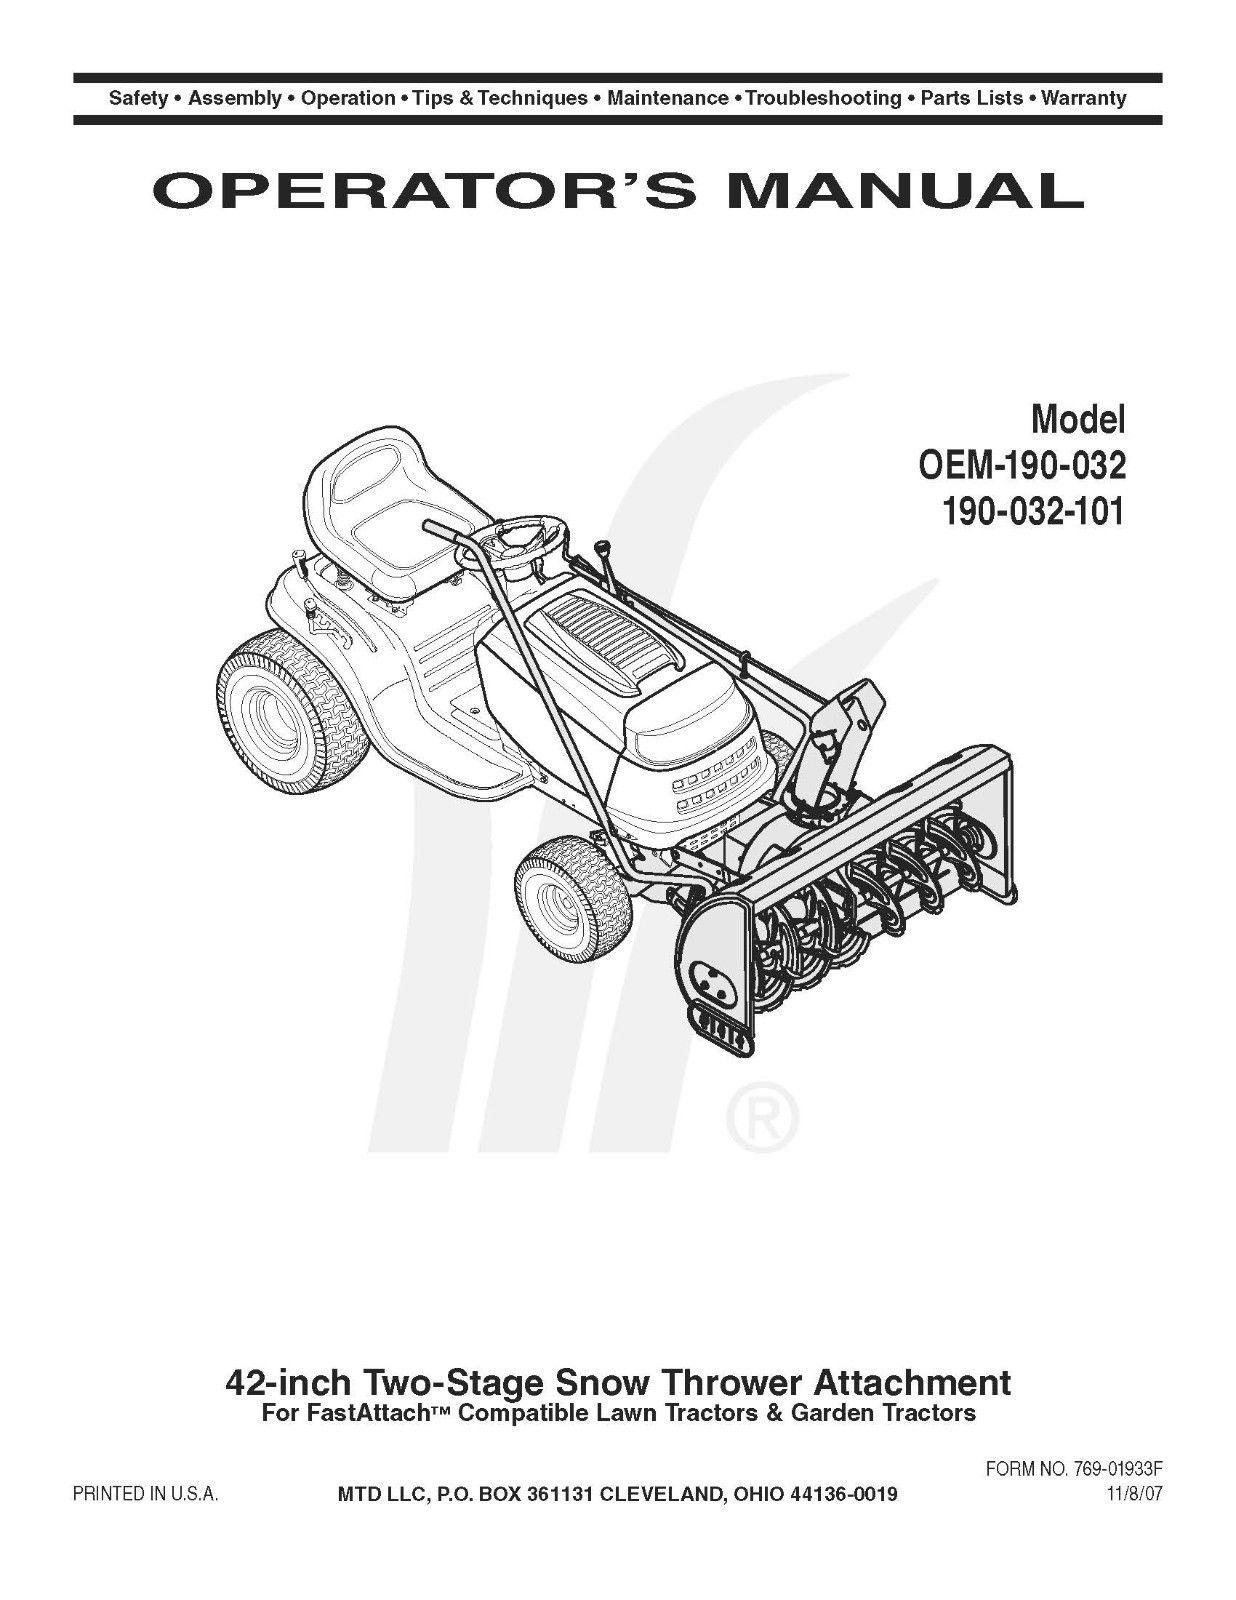 Cub Cadet Model No. LTX-1040 Lawn Tractor Manuals COMBO